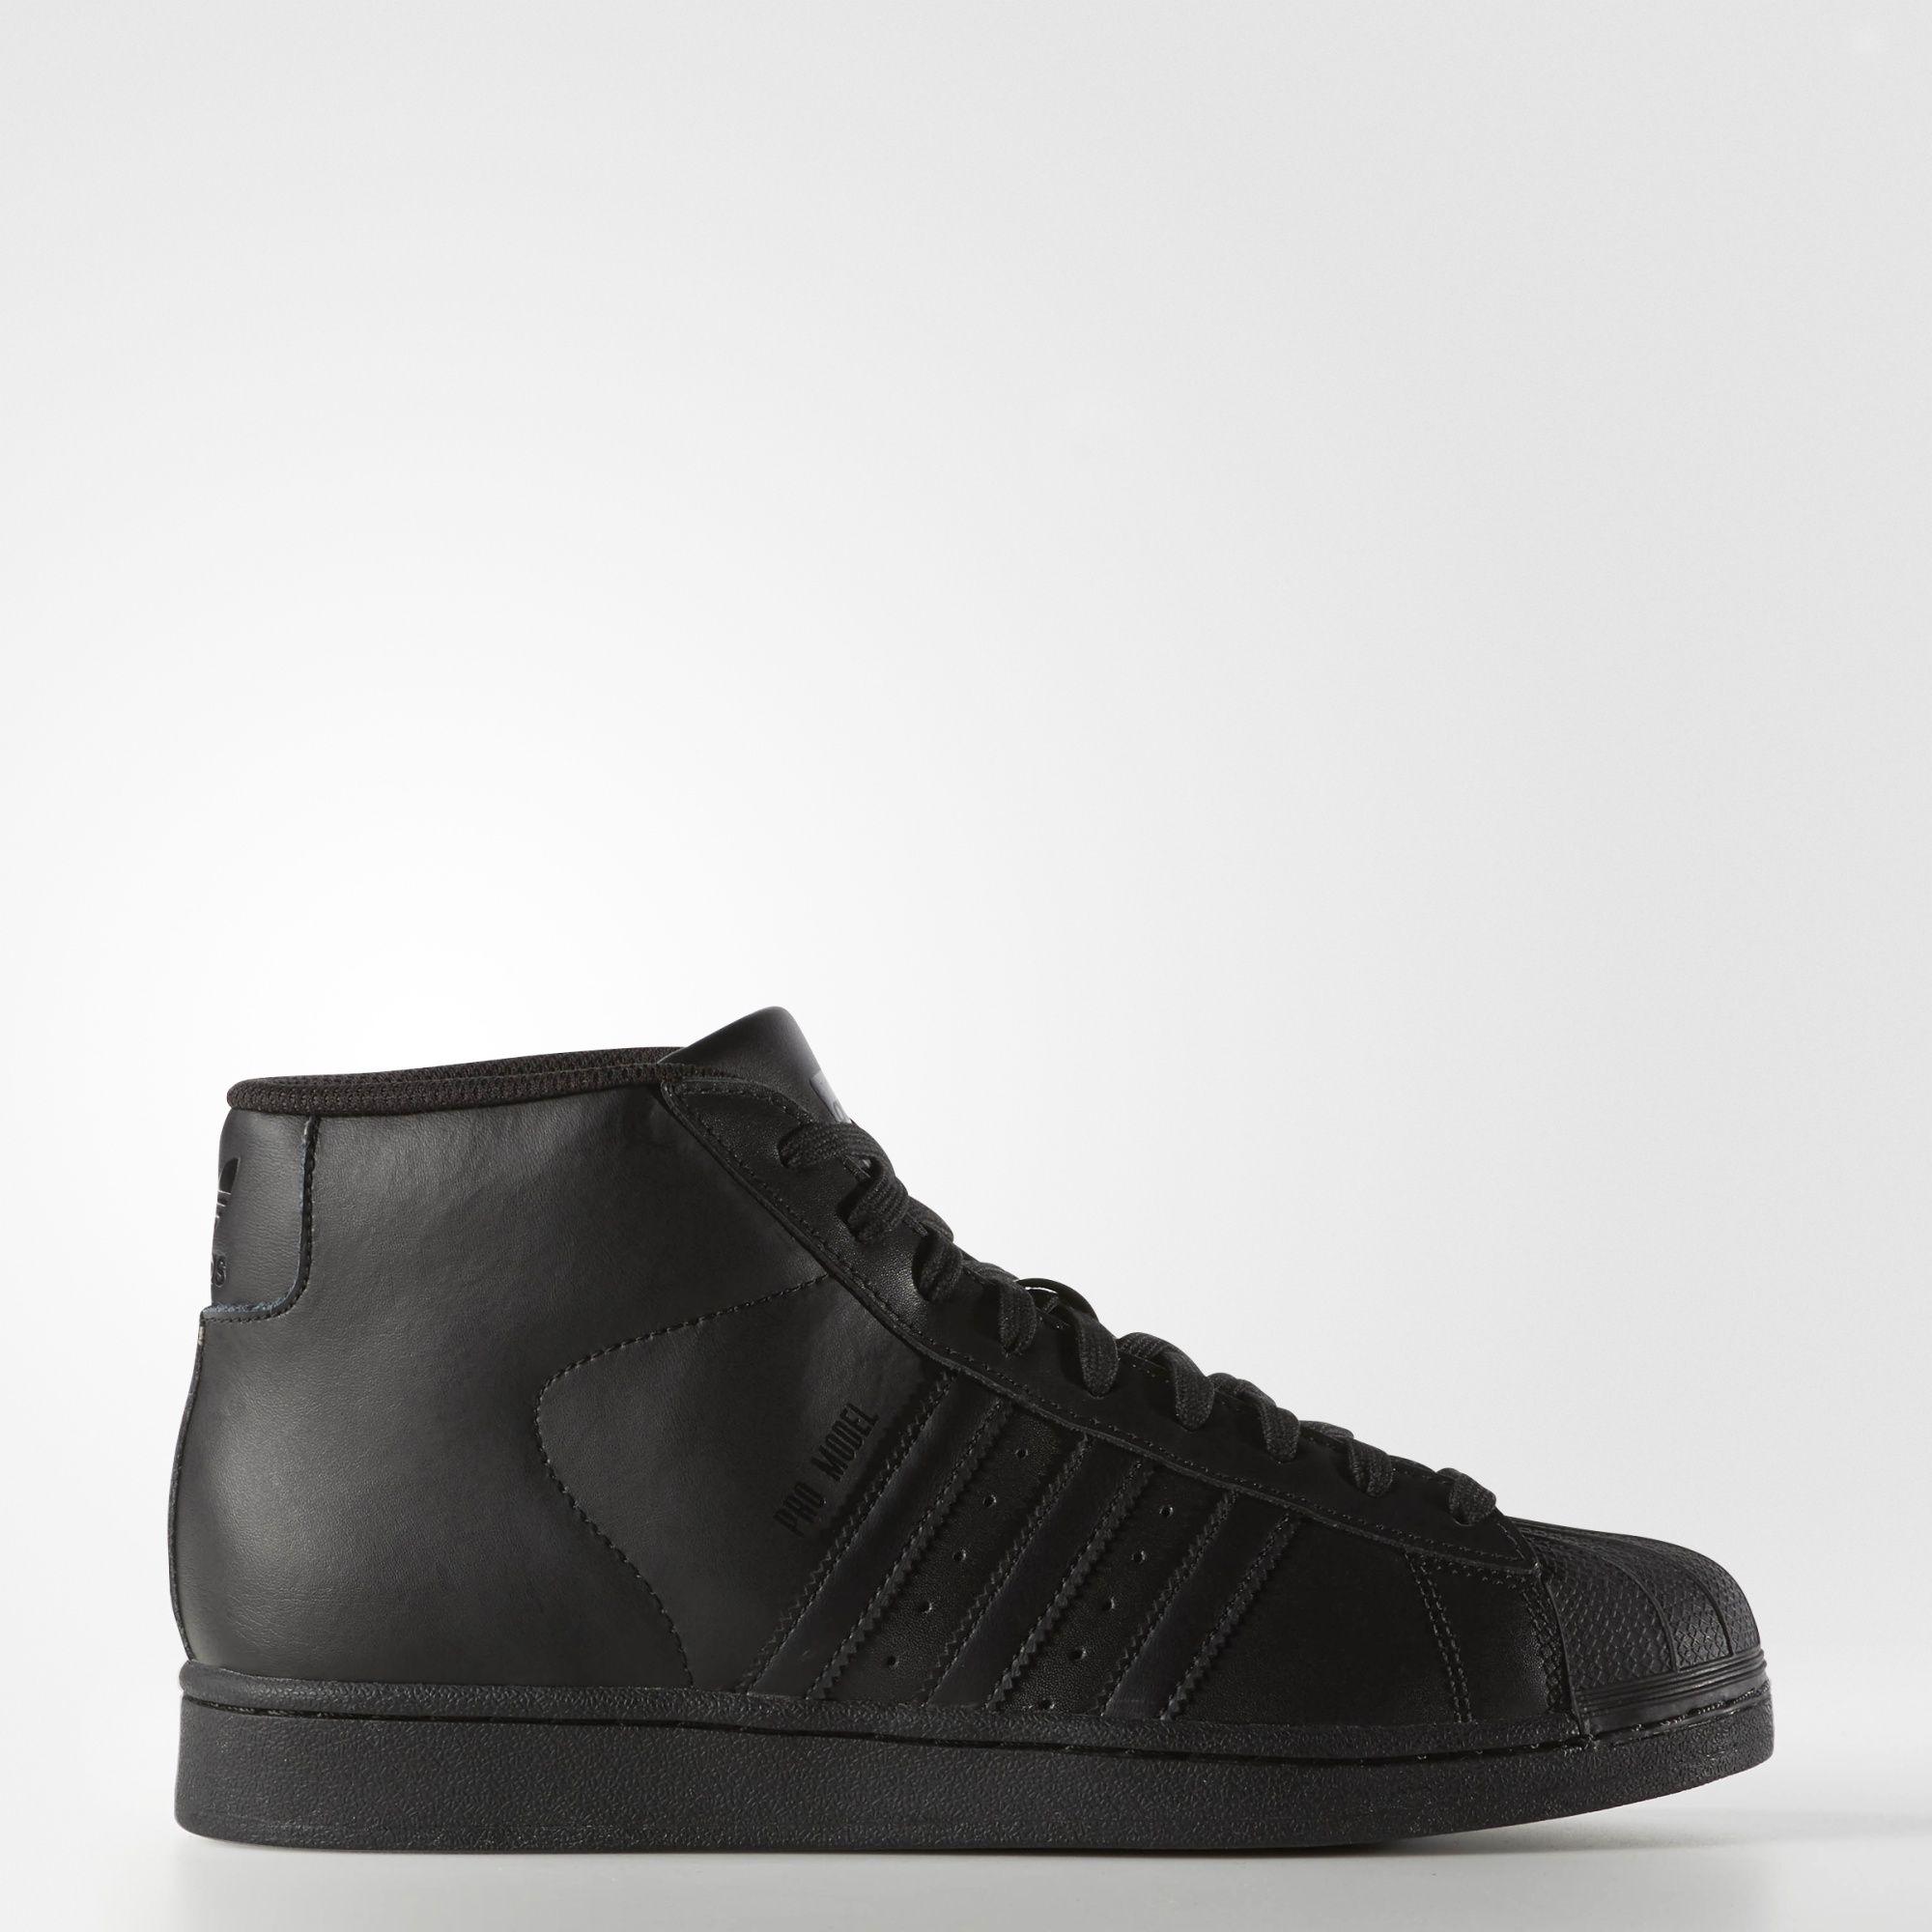 8ef578253c809 Version montante de la sneaker adidas Superstar, la Pro Model fut créée à  l'origine pour les joueurs de basketball professionnels.